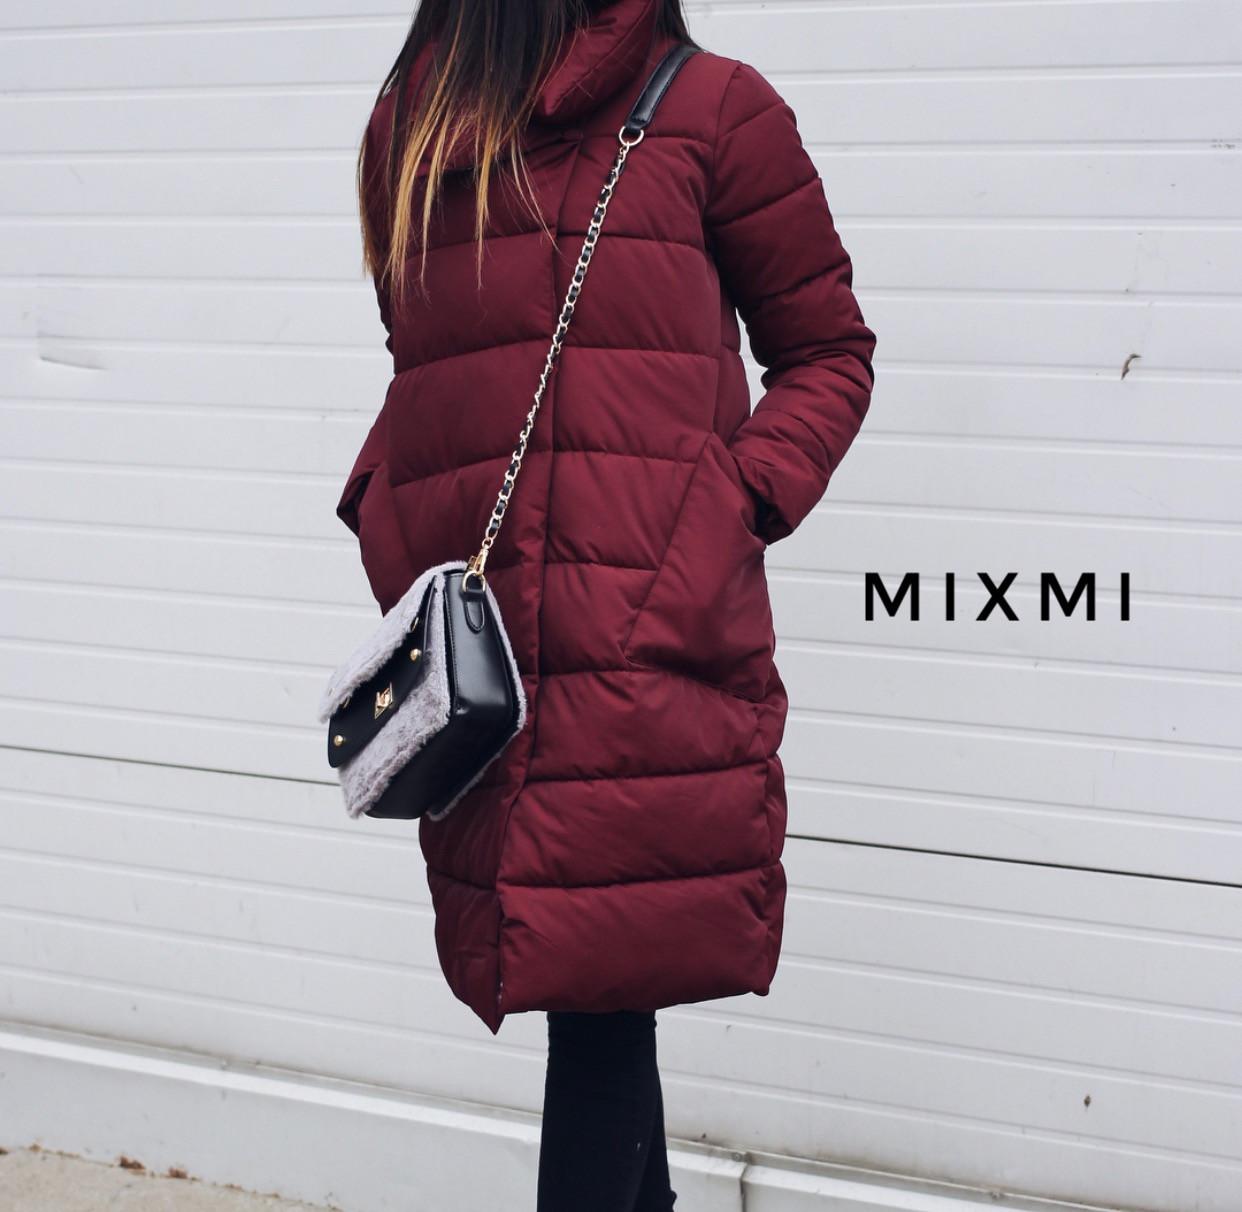 Женское пальто. Кнопки в два ряда. Плотный накладной карман. Цвета: чёрный и бордо.